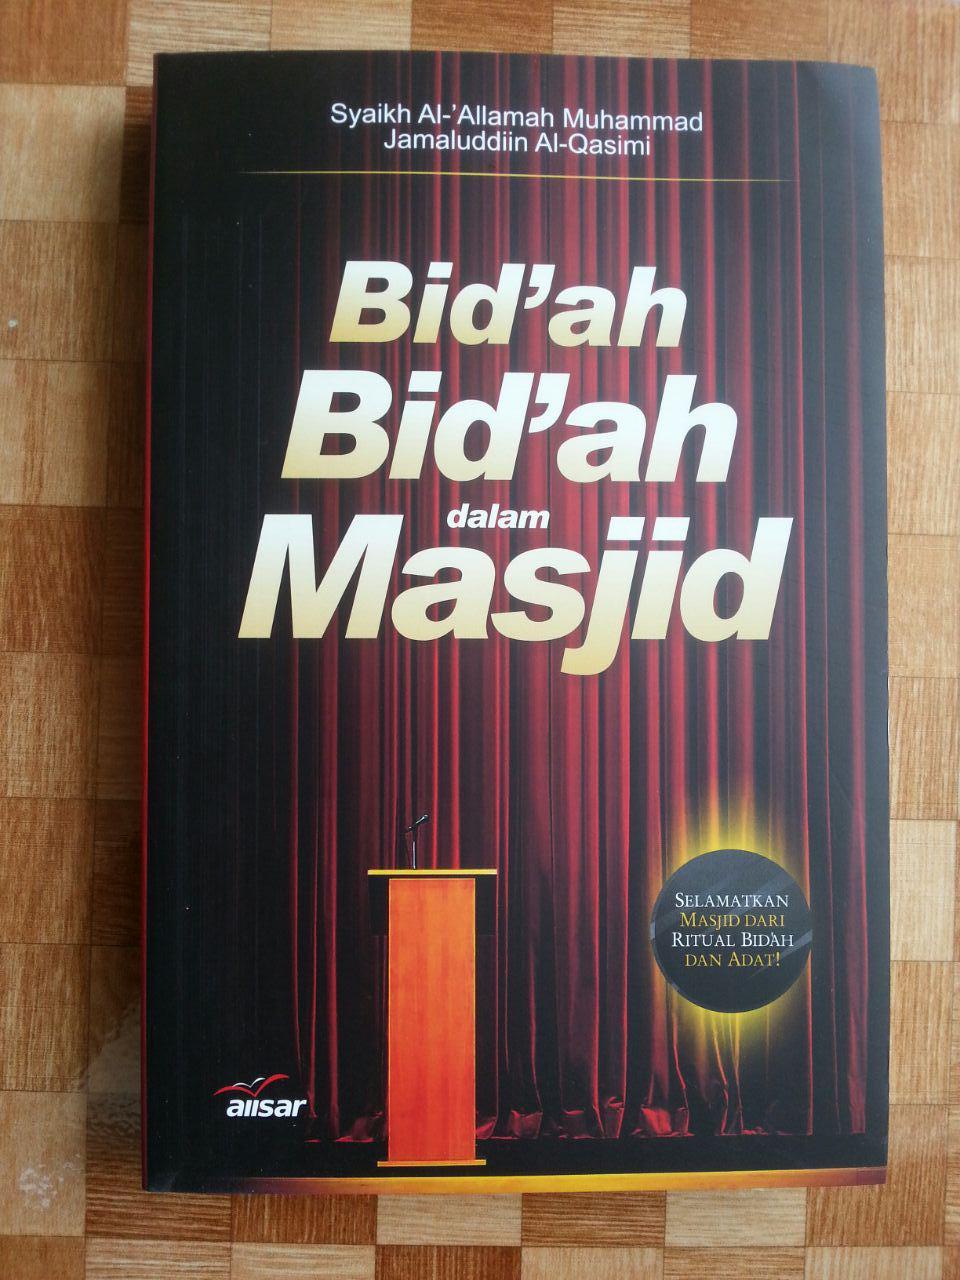 Buku Bidah-bidah dalam Masjid cover 2